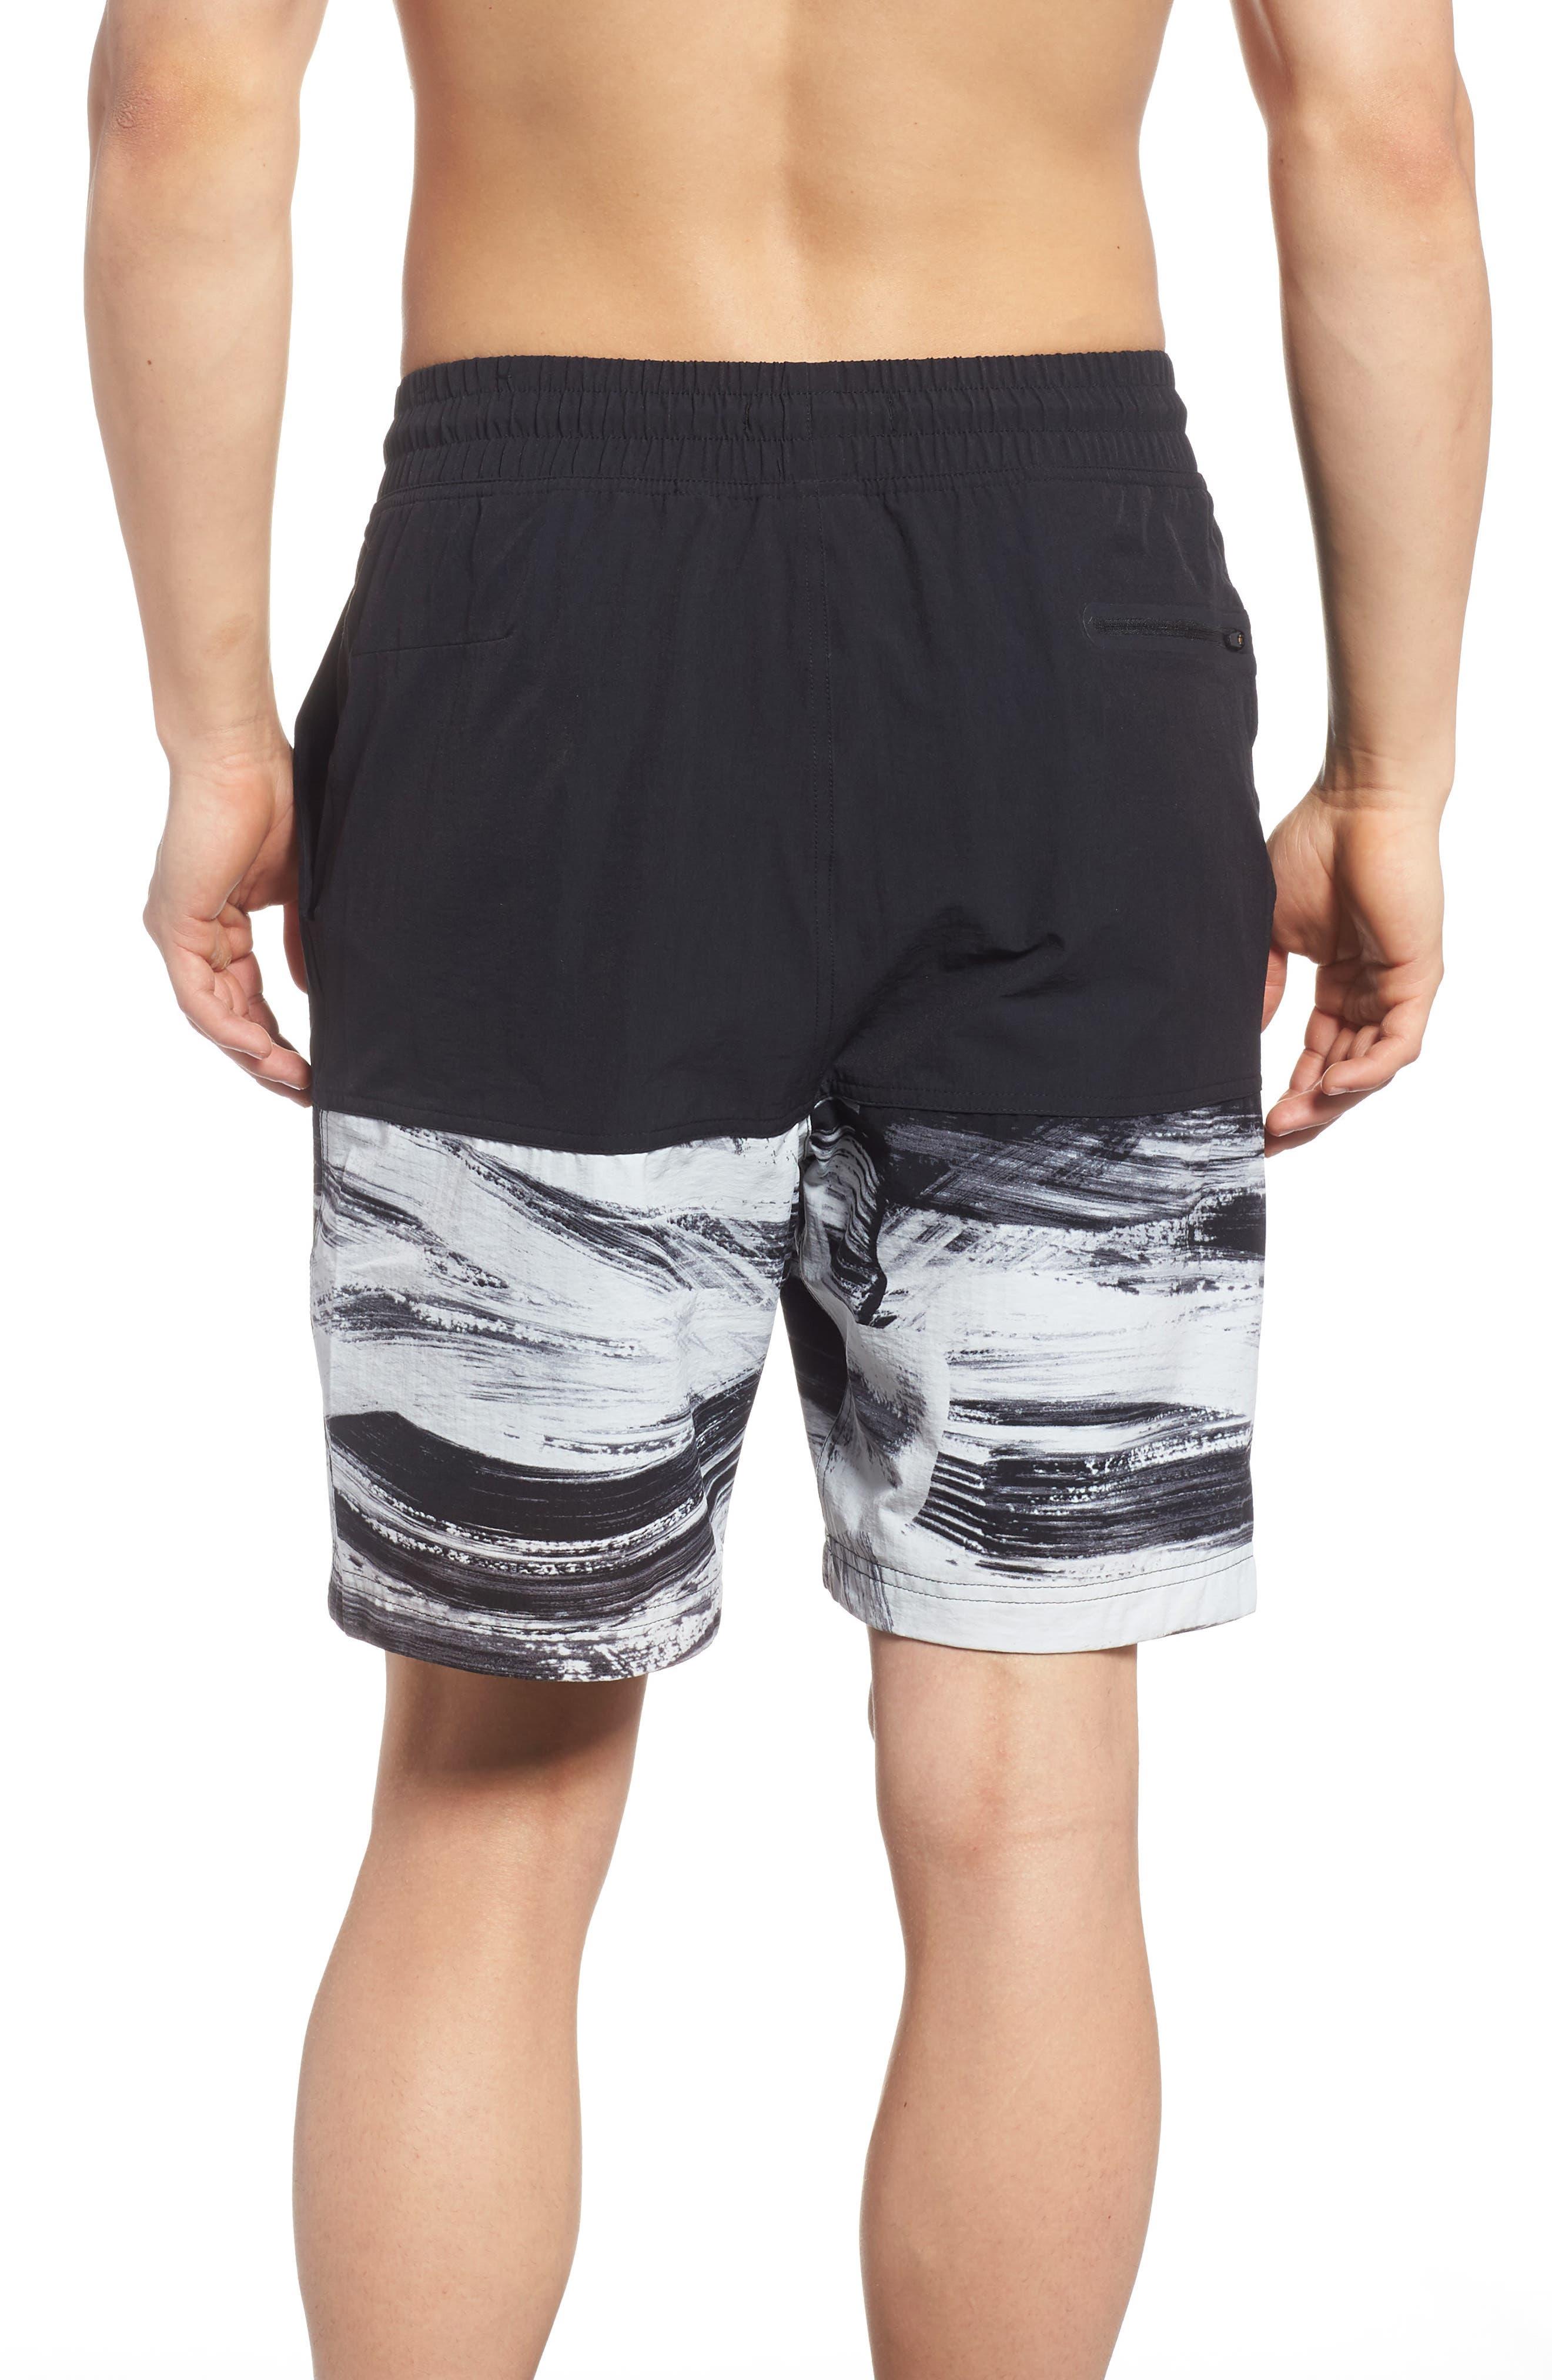 NSW Franchise GX1 Shorts,                             Alternate thumbnail 2, color,                             Black/ Black